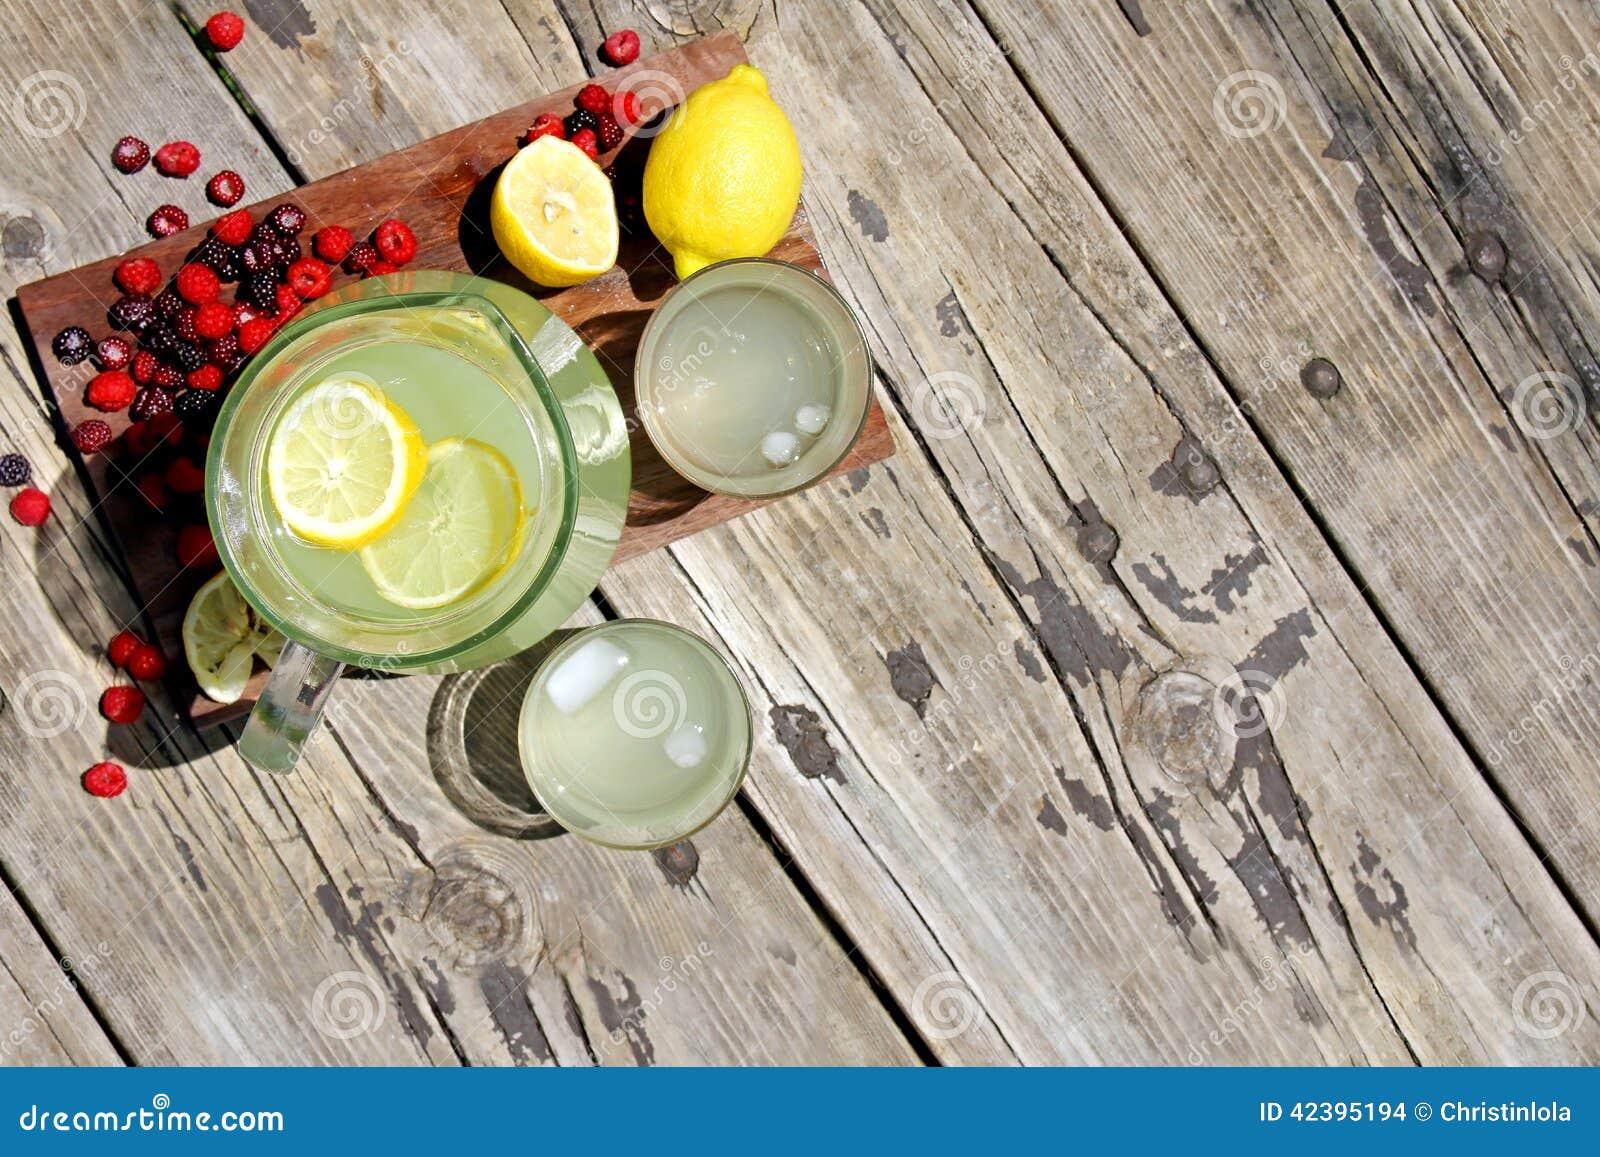 Picnic table background - Background Fresh Fruit Lemonade Picnic